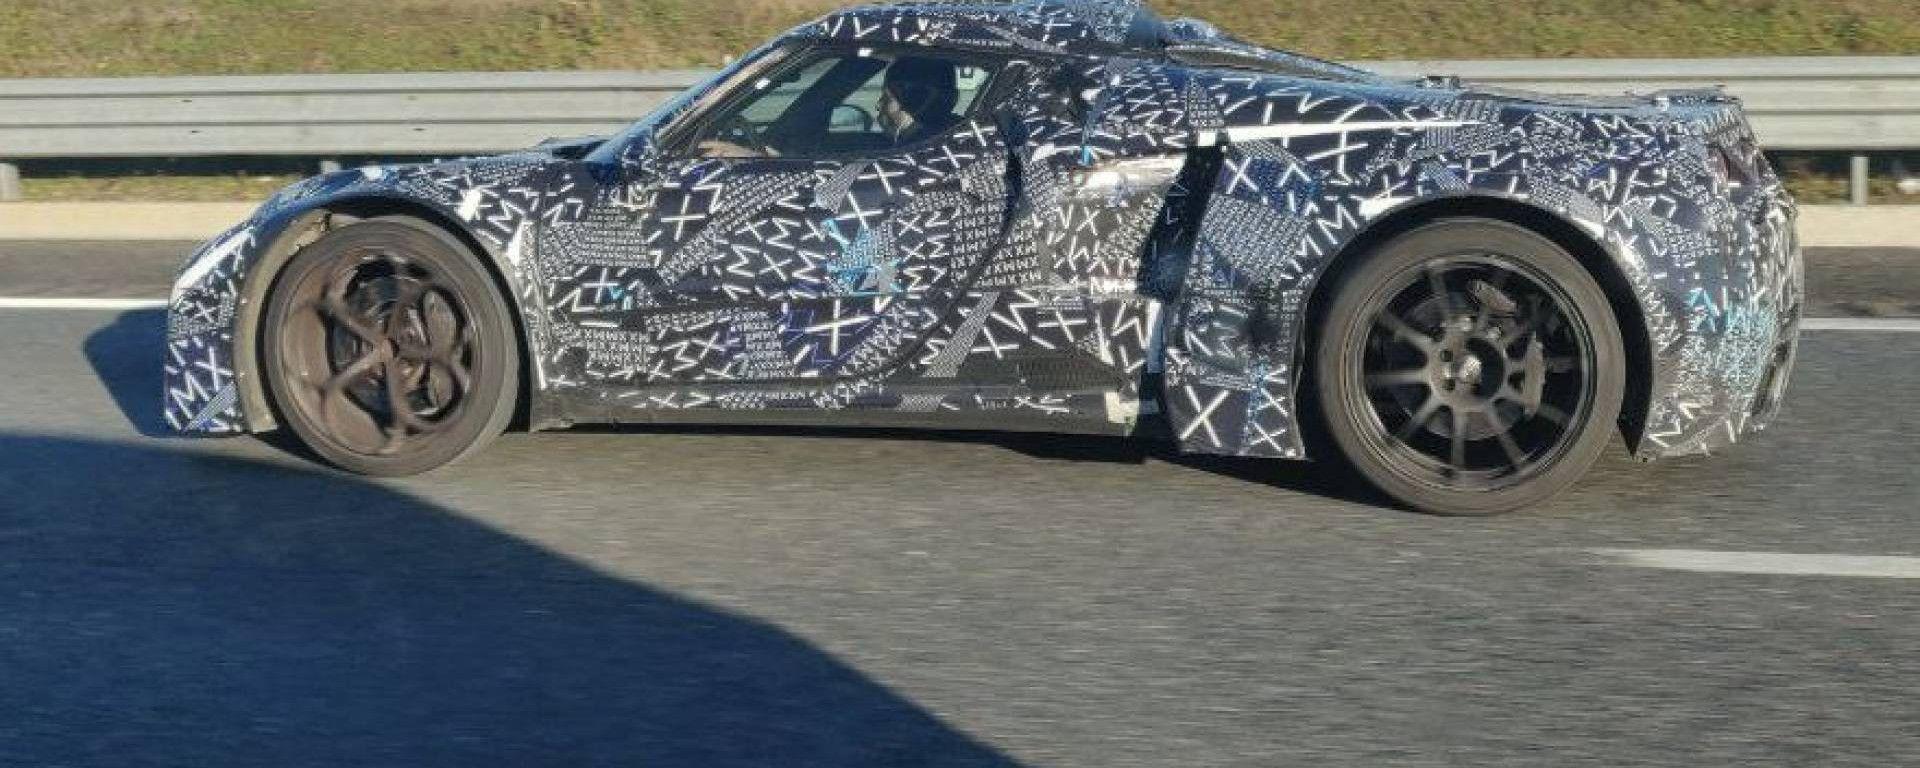 Maserati MC20, la nostra esclusiva foto spia